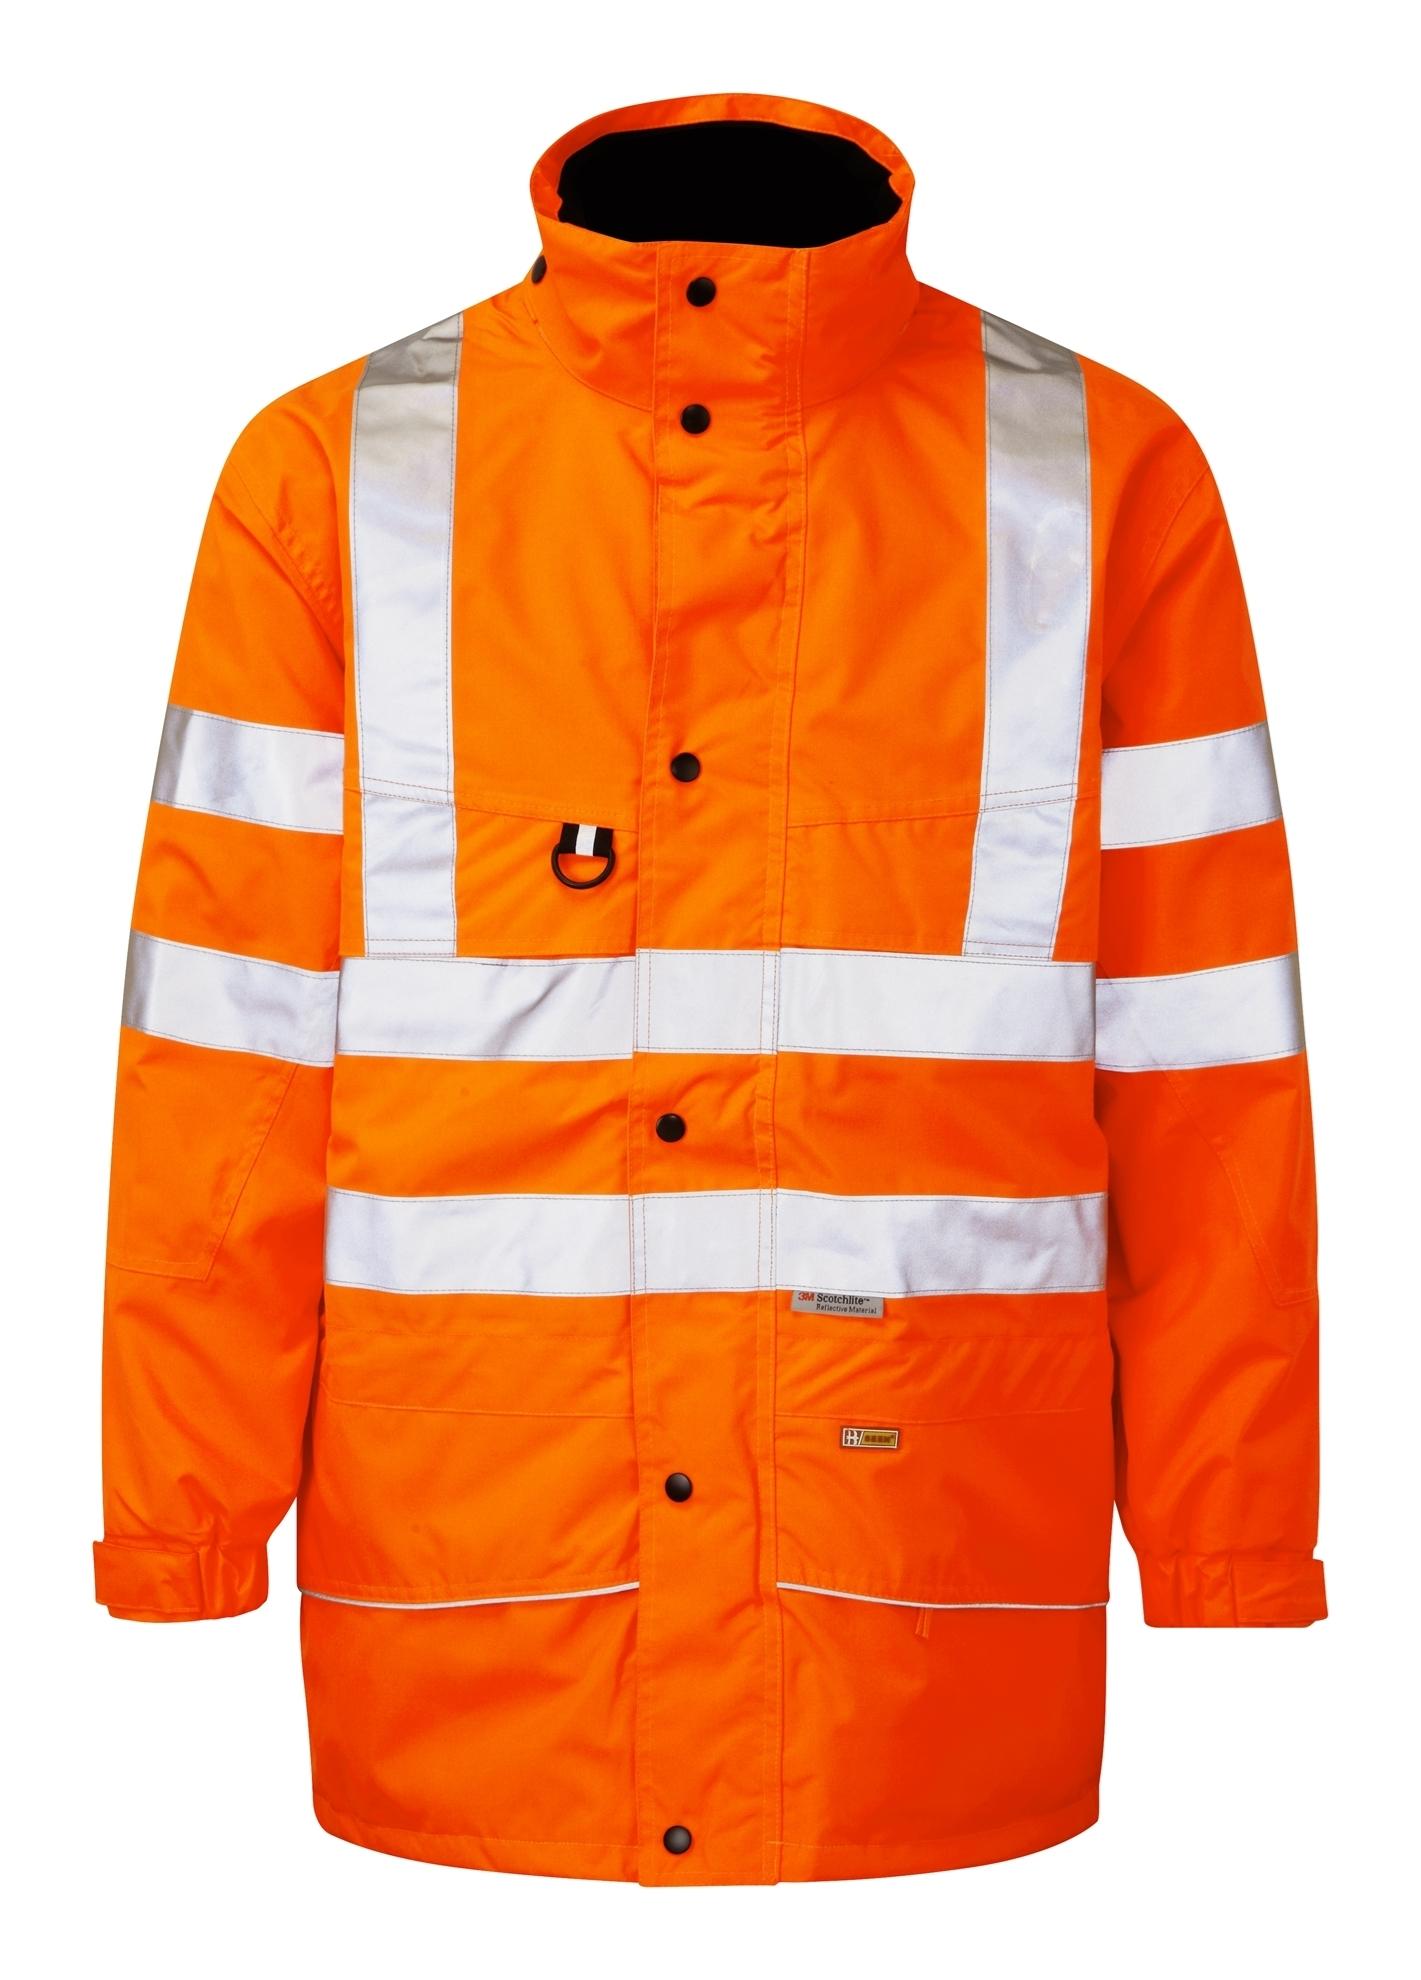 Picture of Hi-Vis Jacket - Orange